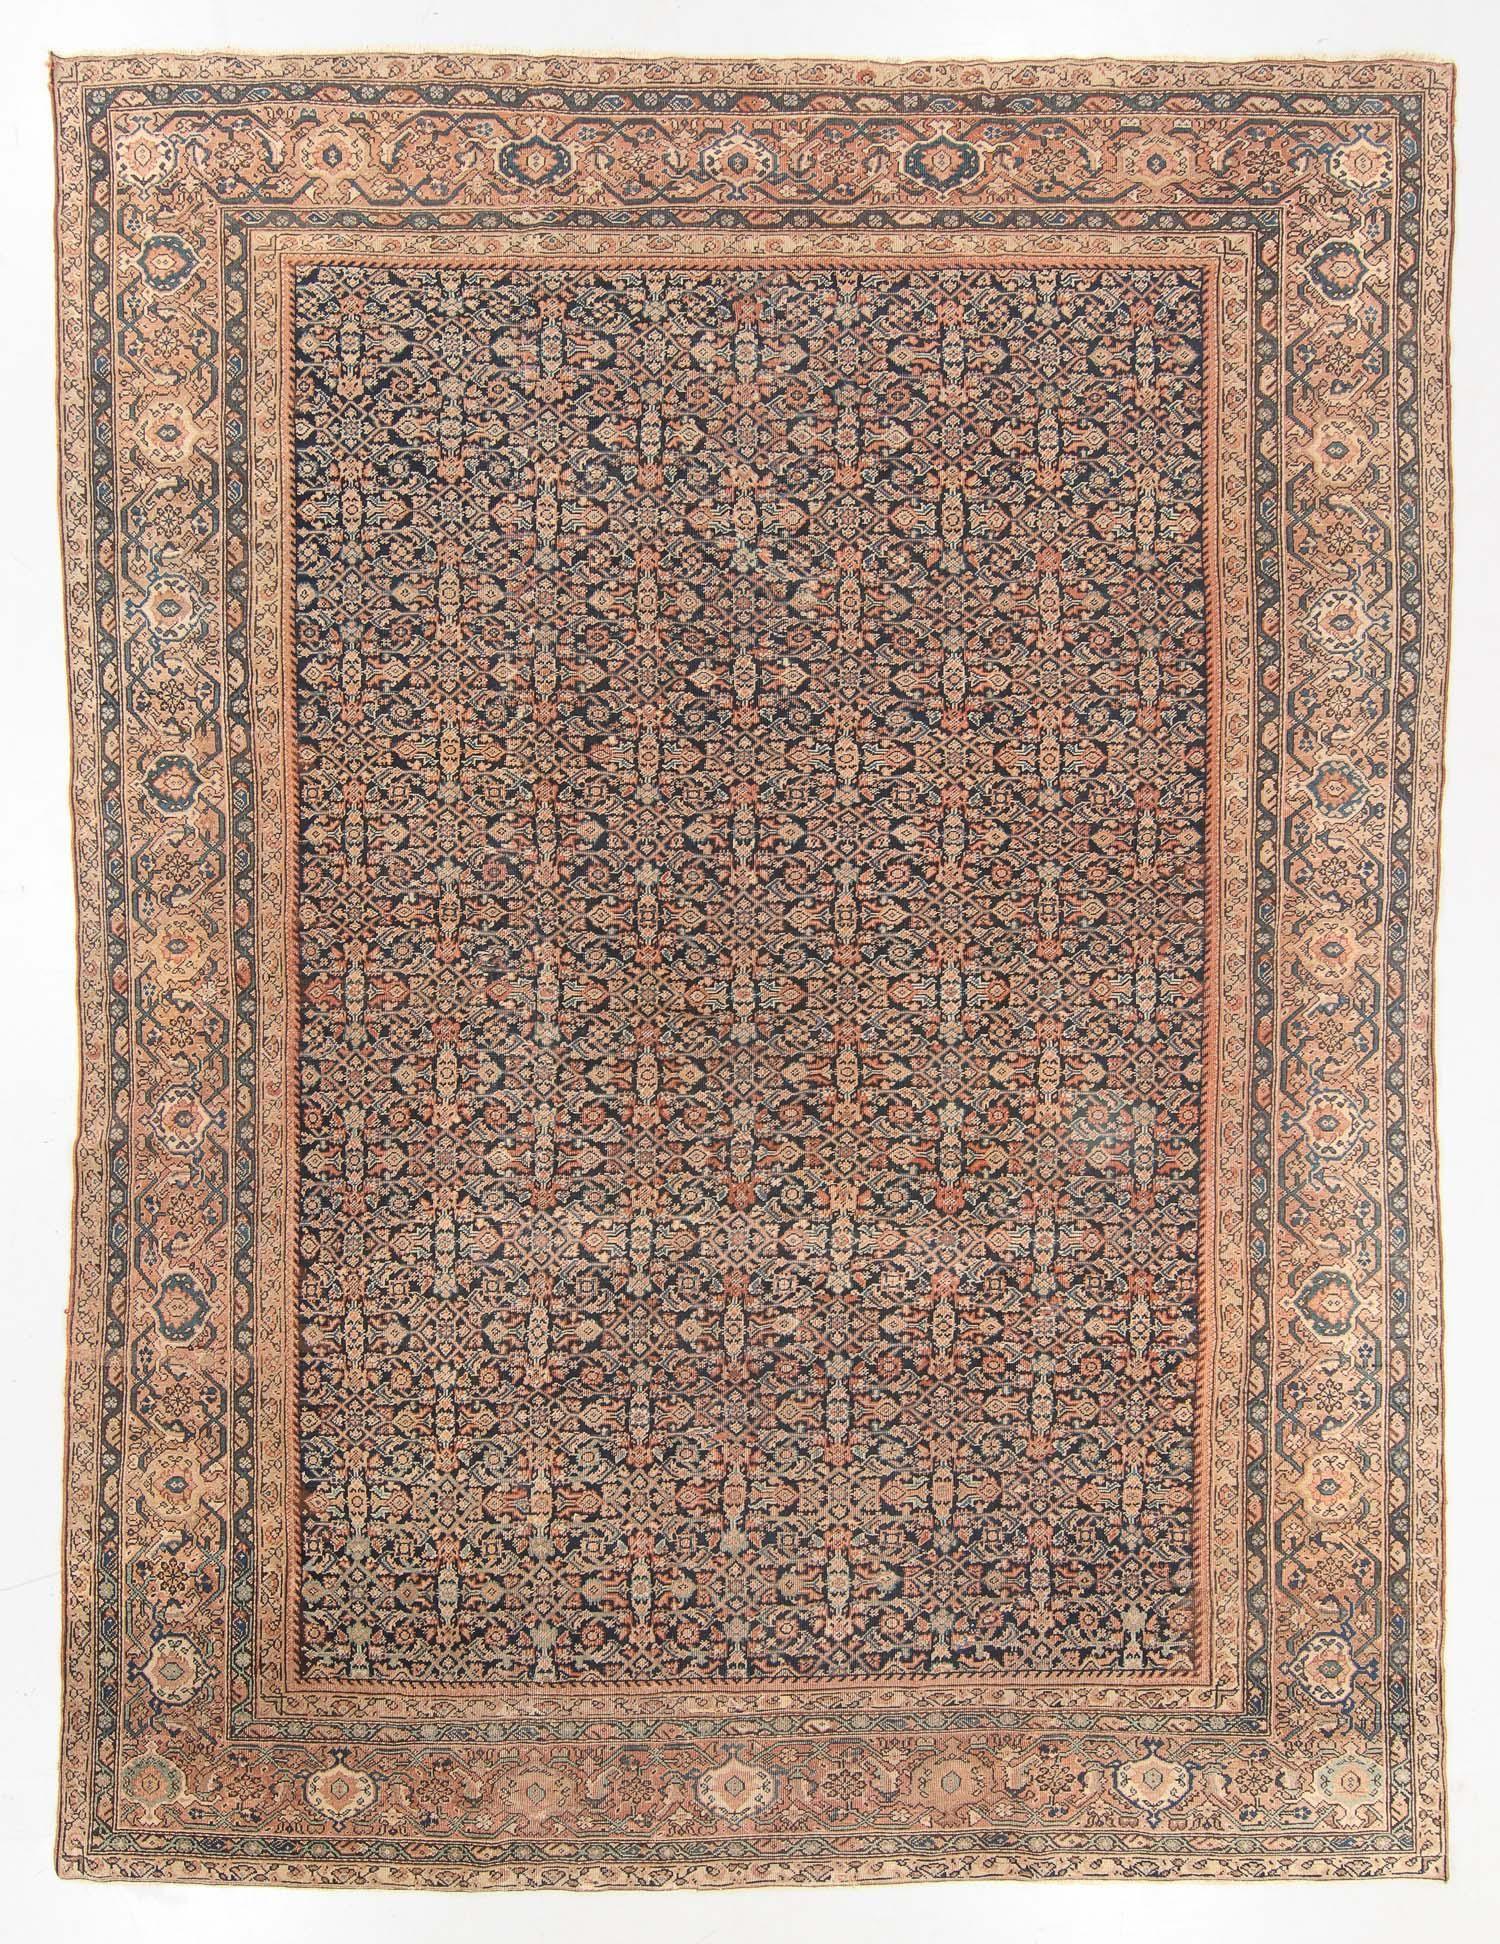 Antique Ferahan Rug, Persia: 10'1'' x 13'3''